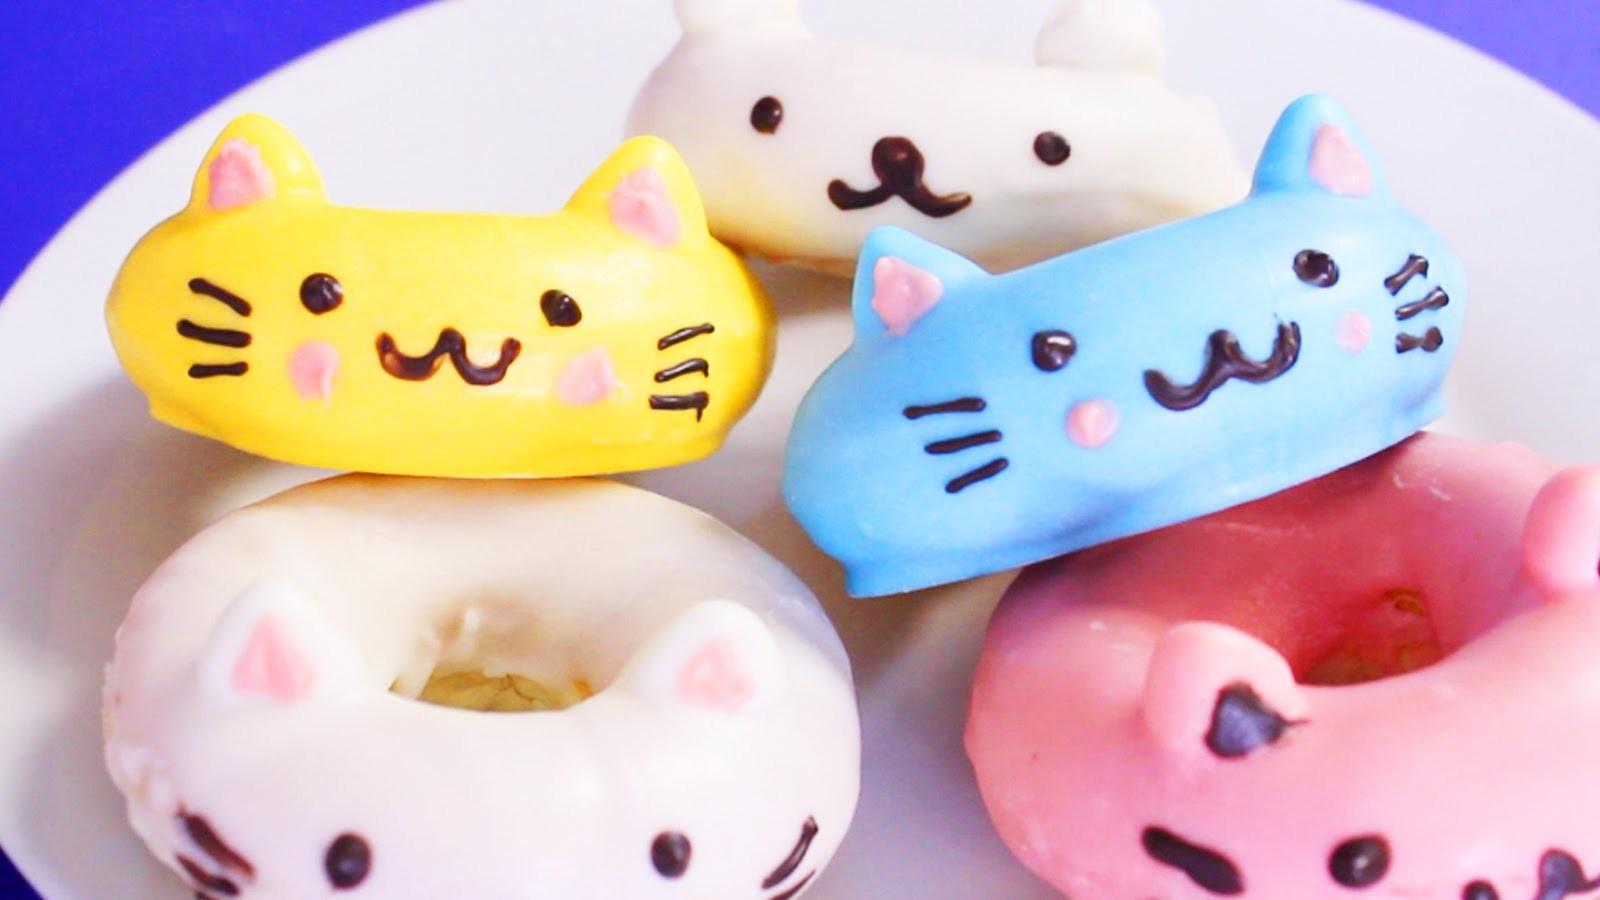 CAT DOUGHNUTS!